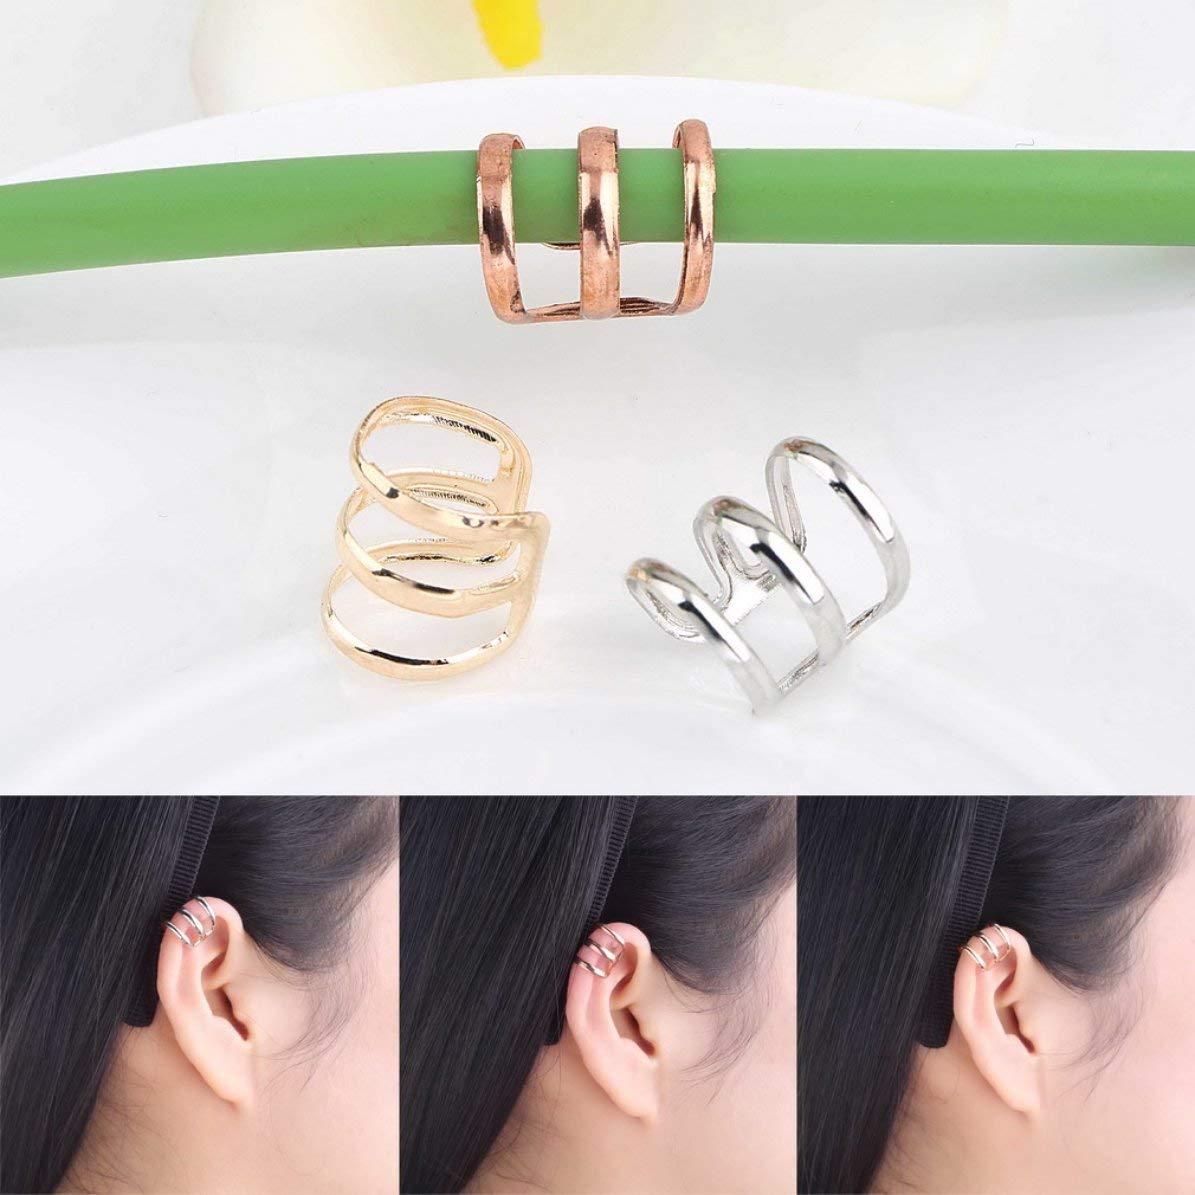 Corneliaa 2 unids Punk Rock Ear Ear Cuff Wrap Pendientes Clip no Piercing-Clip en Plata Chapado En Oro Plateado Bronce Mujeres Hombres Joyer/ía del Partido